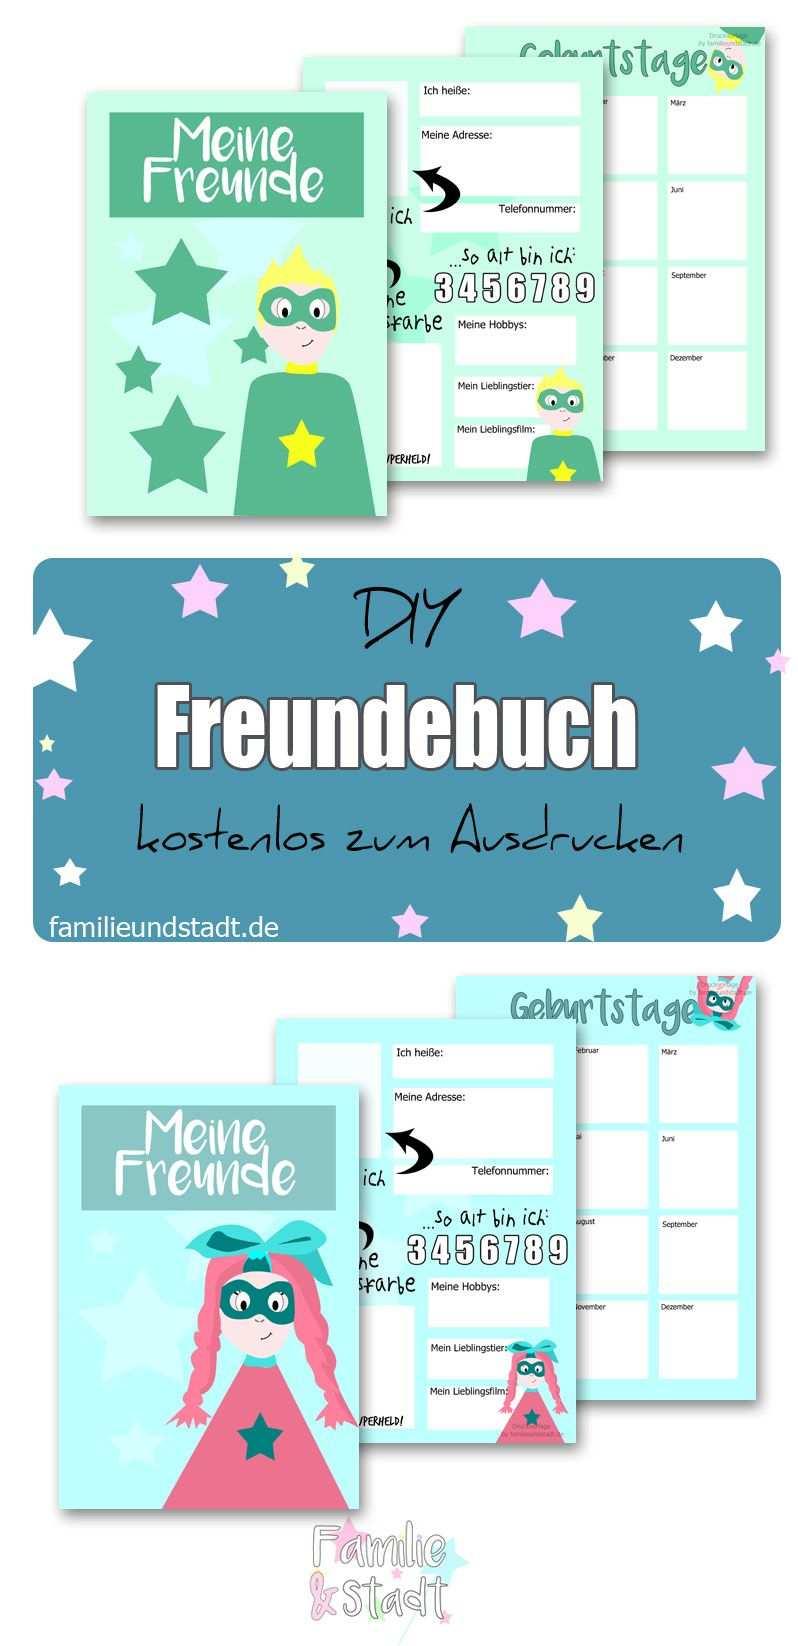 Freundebuch Fur Die Schule Vorlage Zum Ausdrucken Mit Bildern